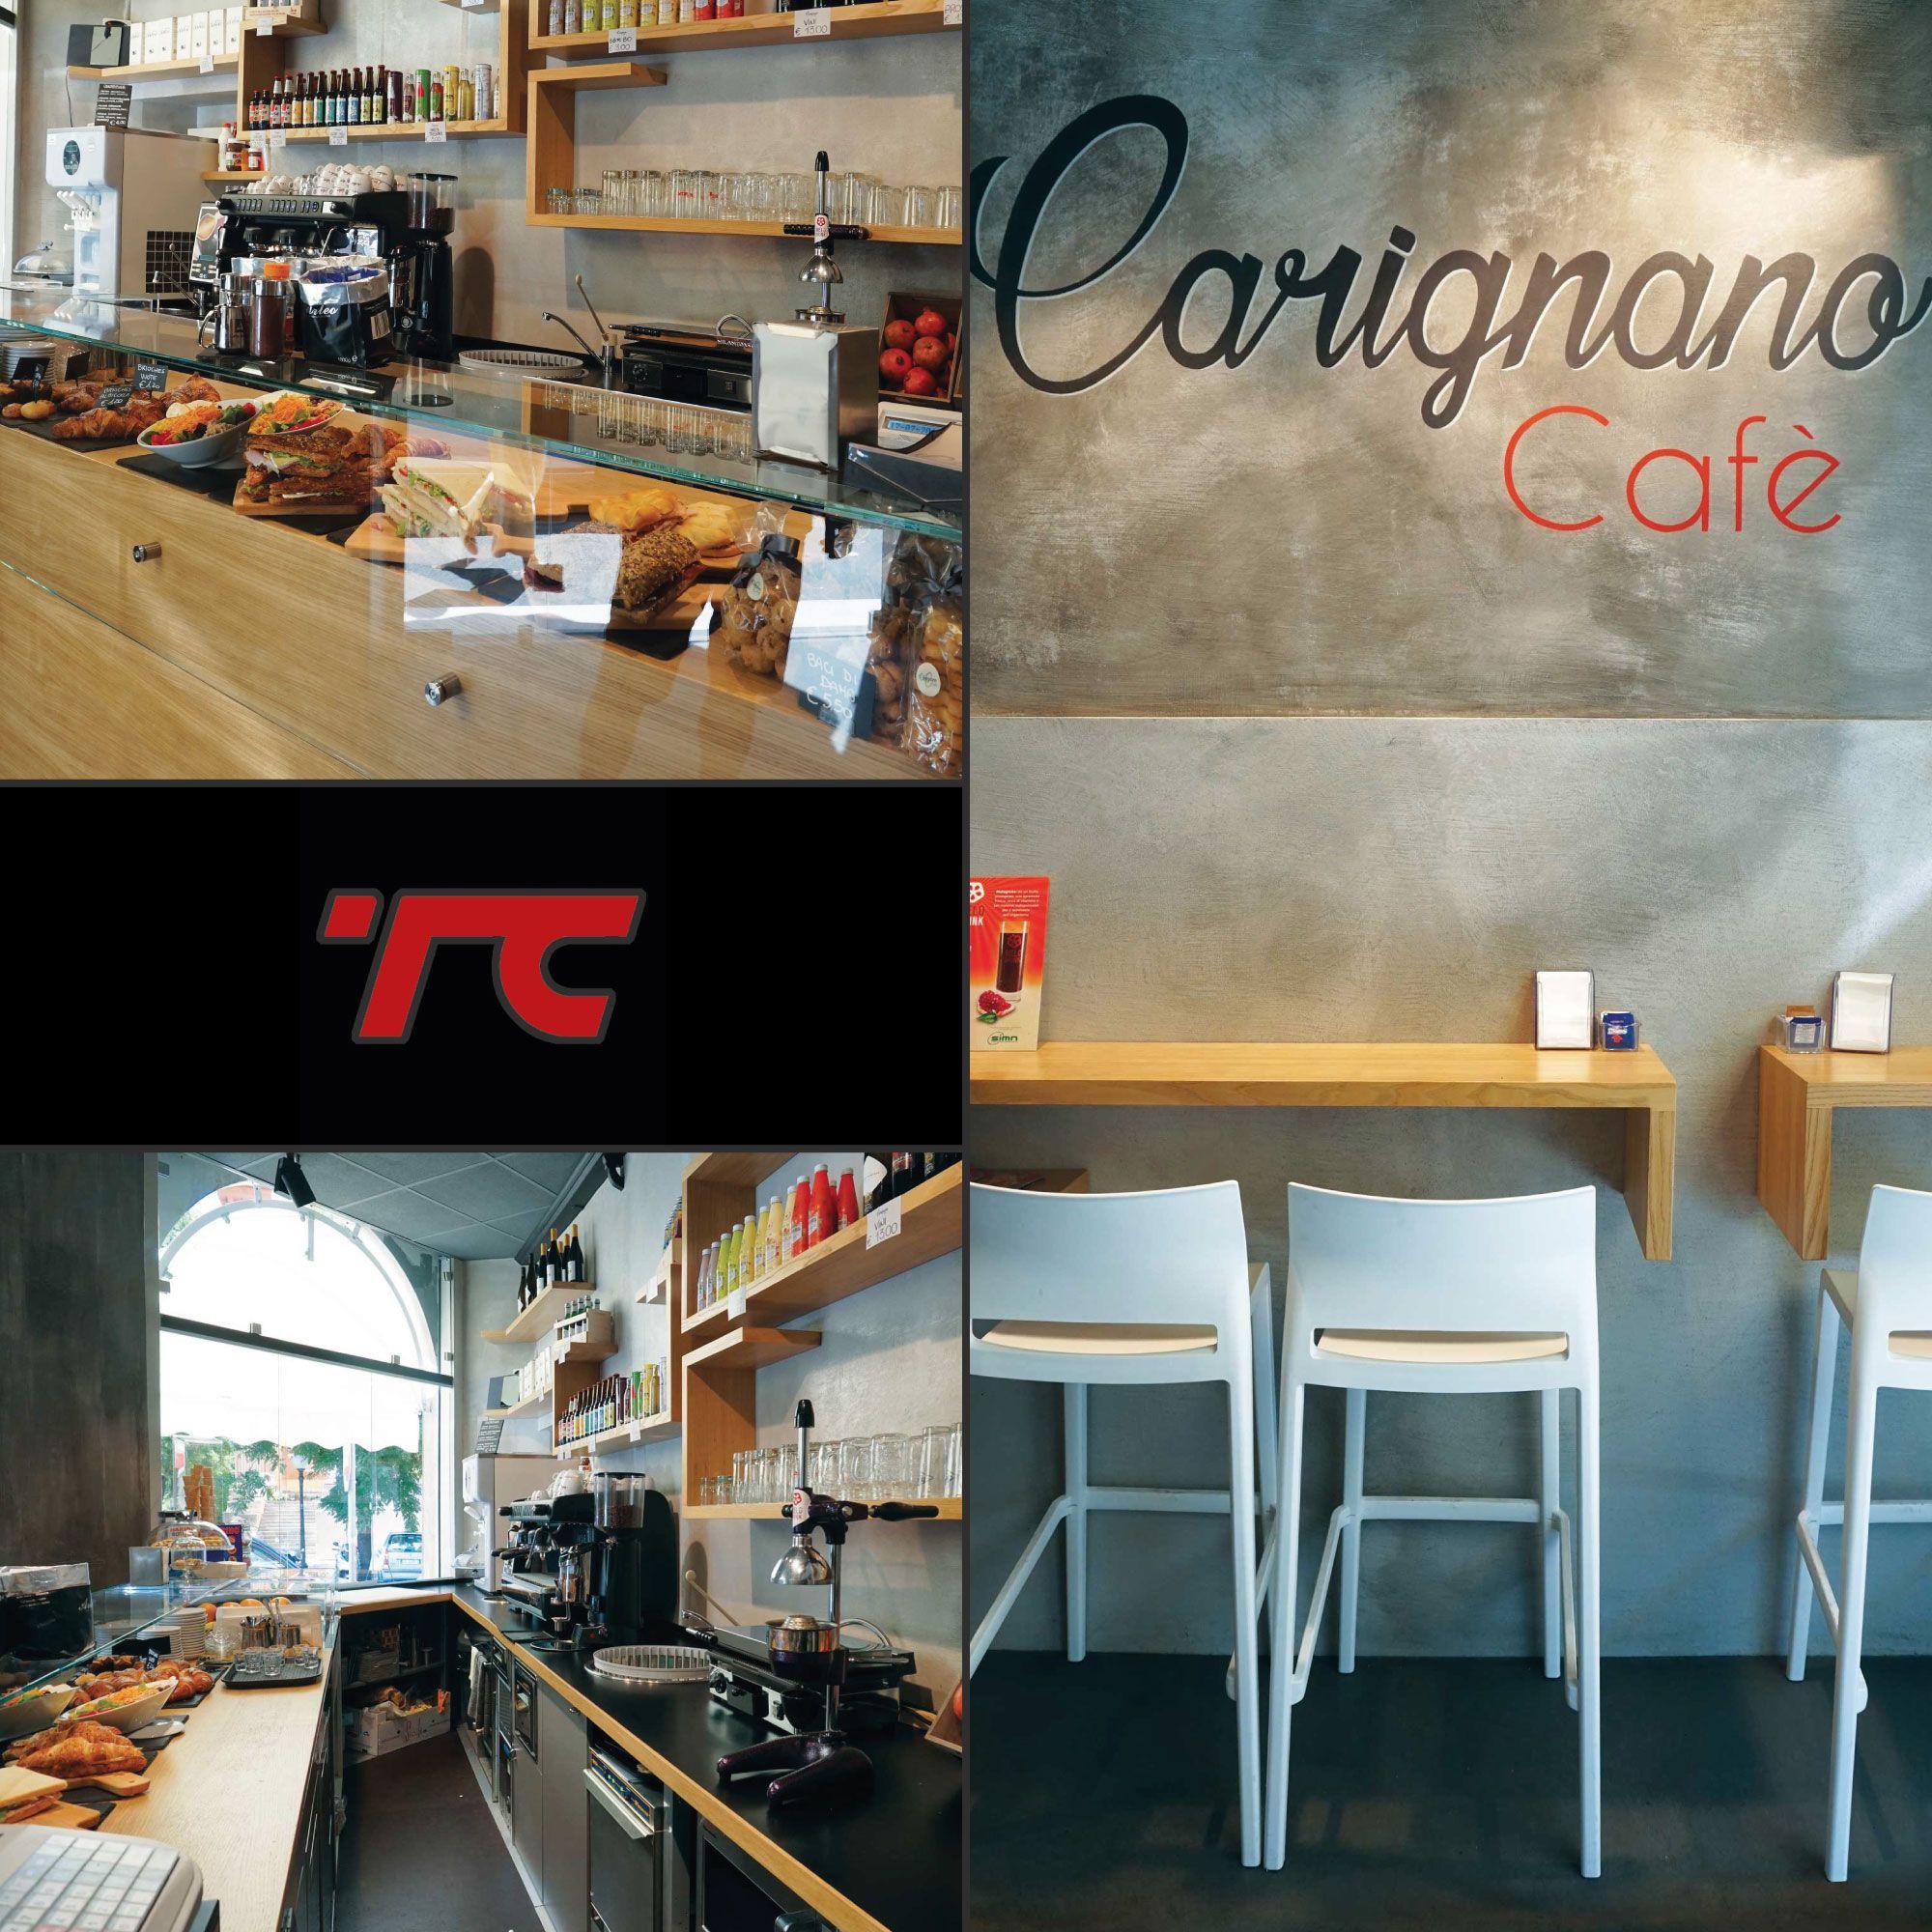 Progetto Bar Carignano Locale Di Piccole Dimensioni